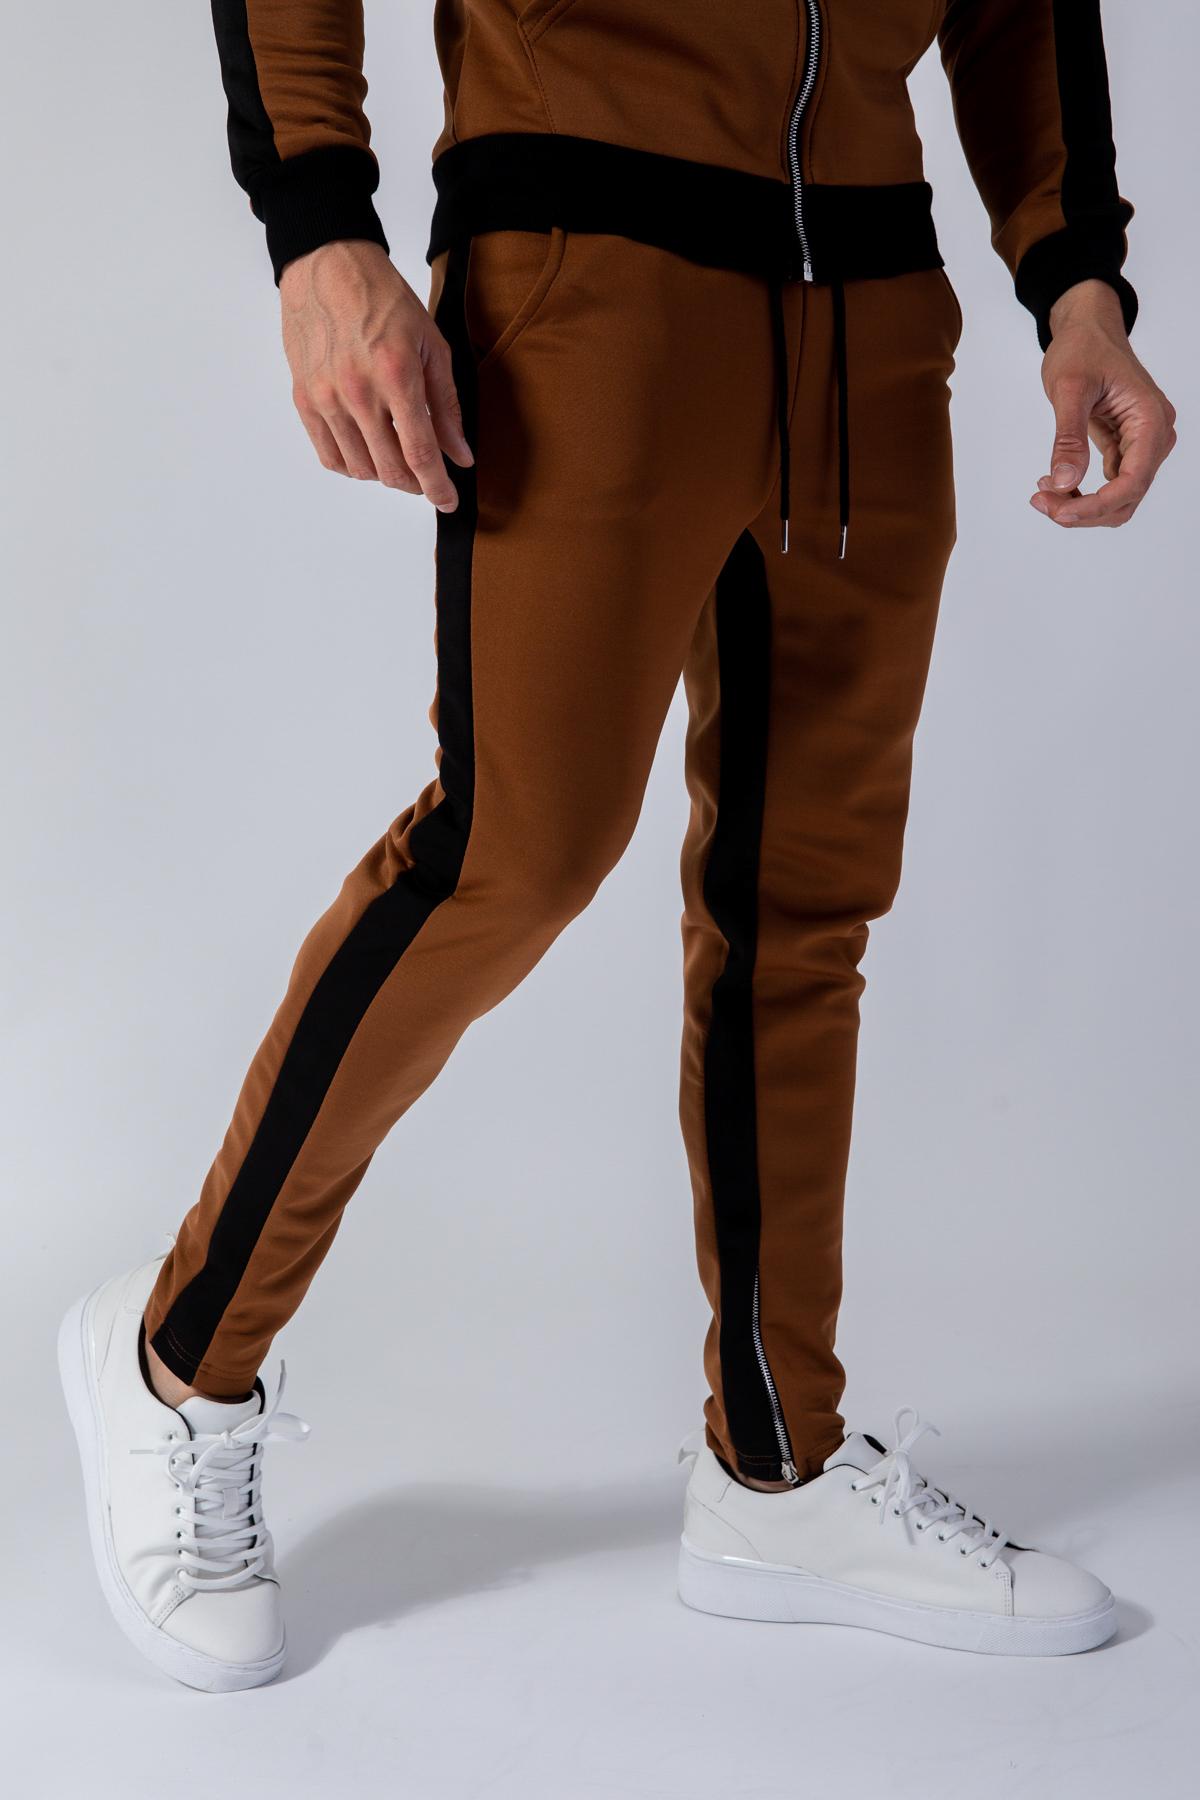 Pantalons Homme Camel FRILIVIN 1554 #c eFashion Paris